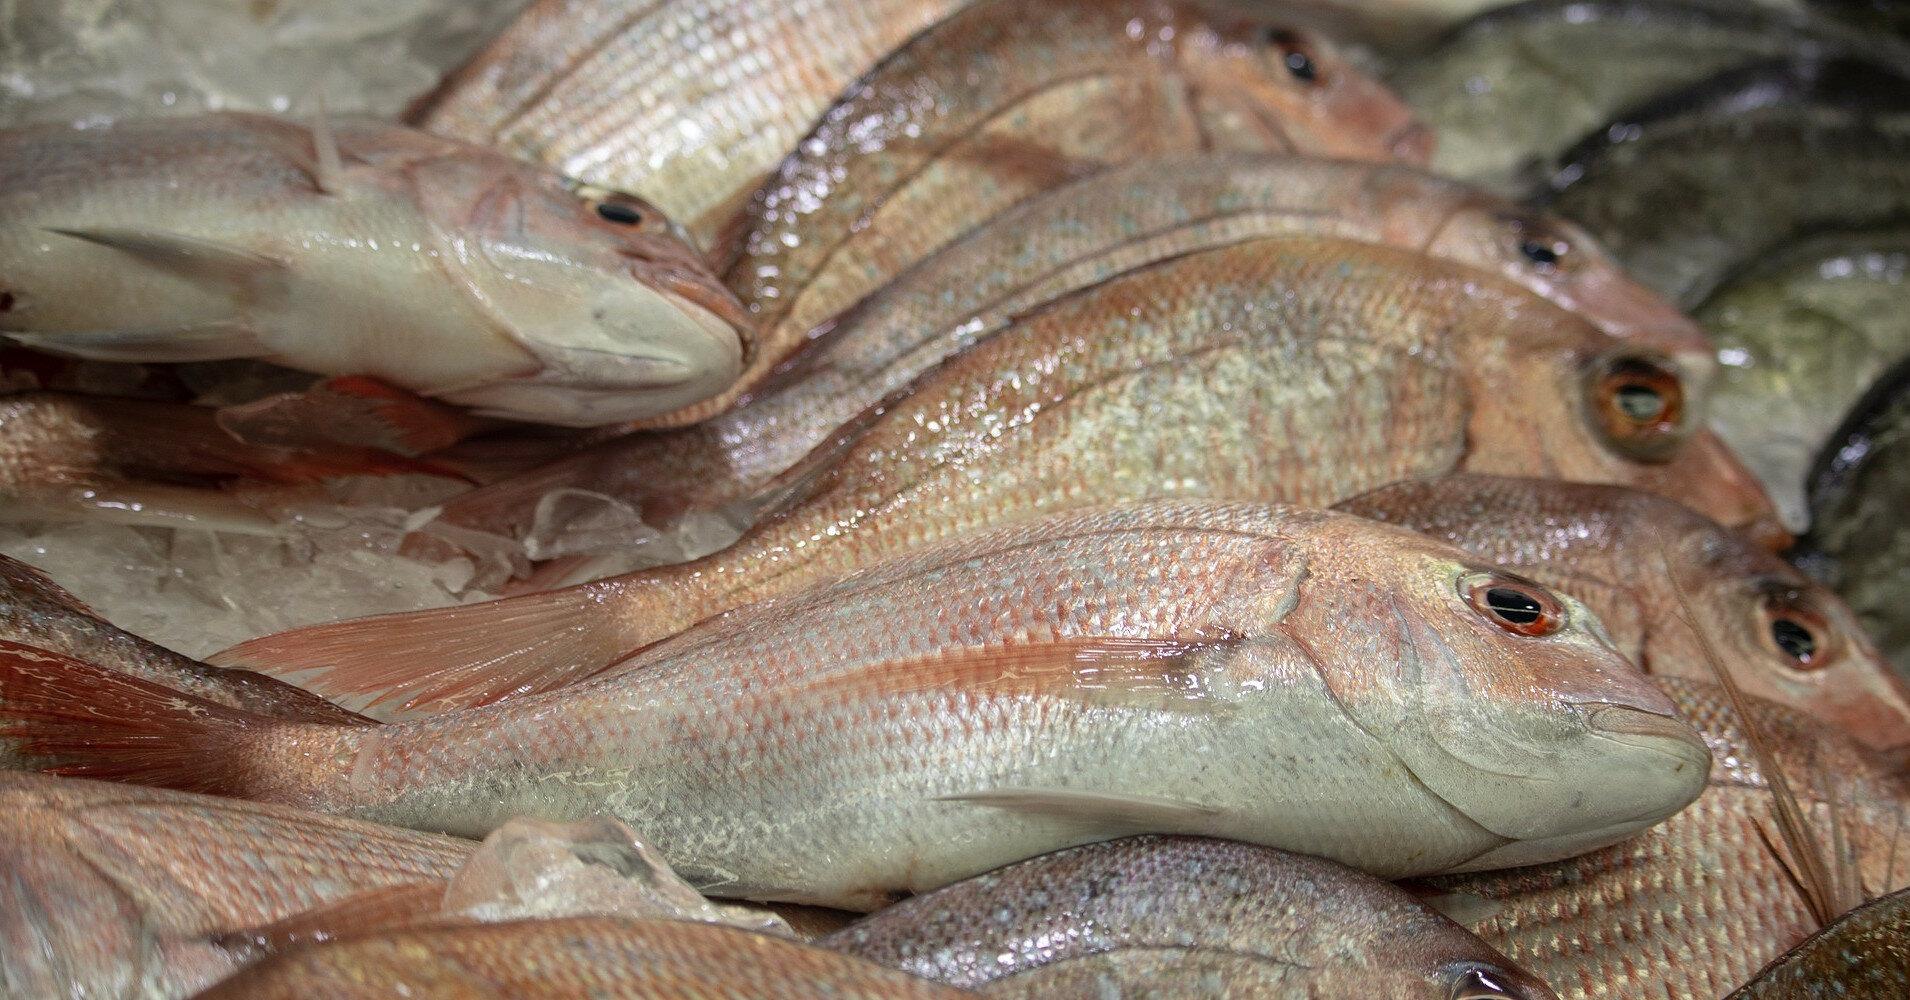 Правила рыболовства изменят: как будут штрафовать нарушителей